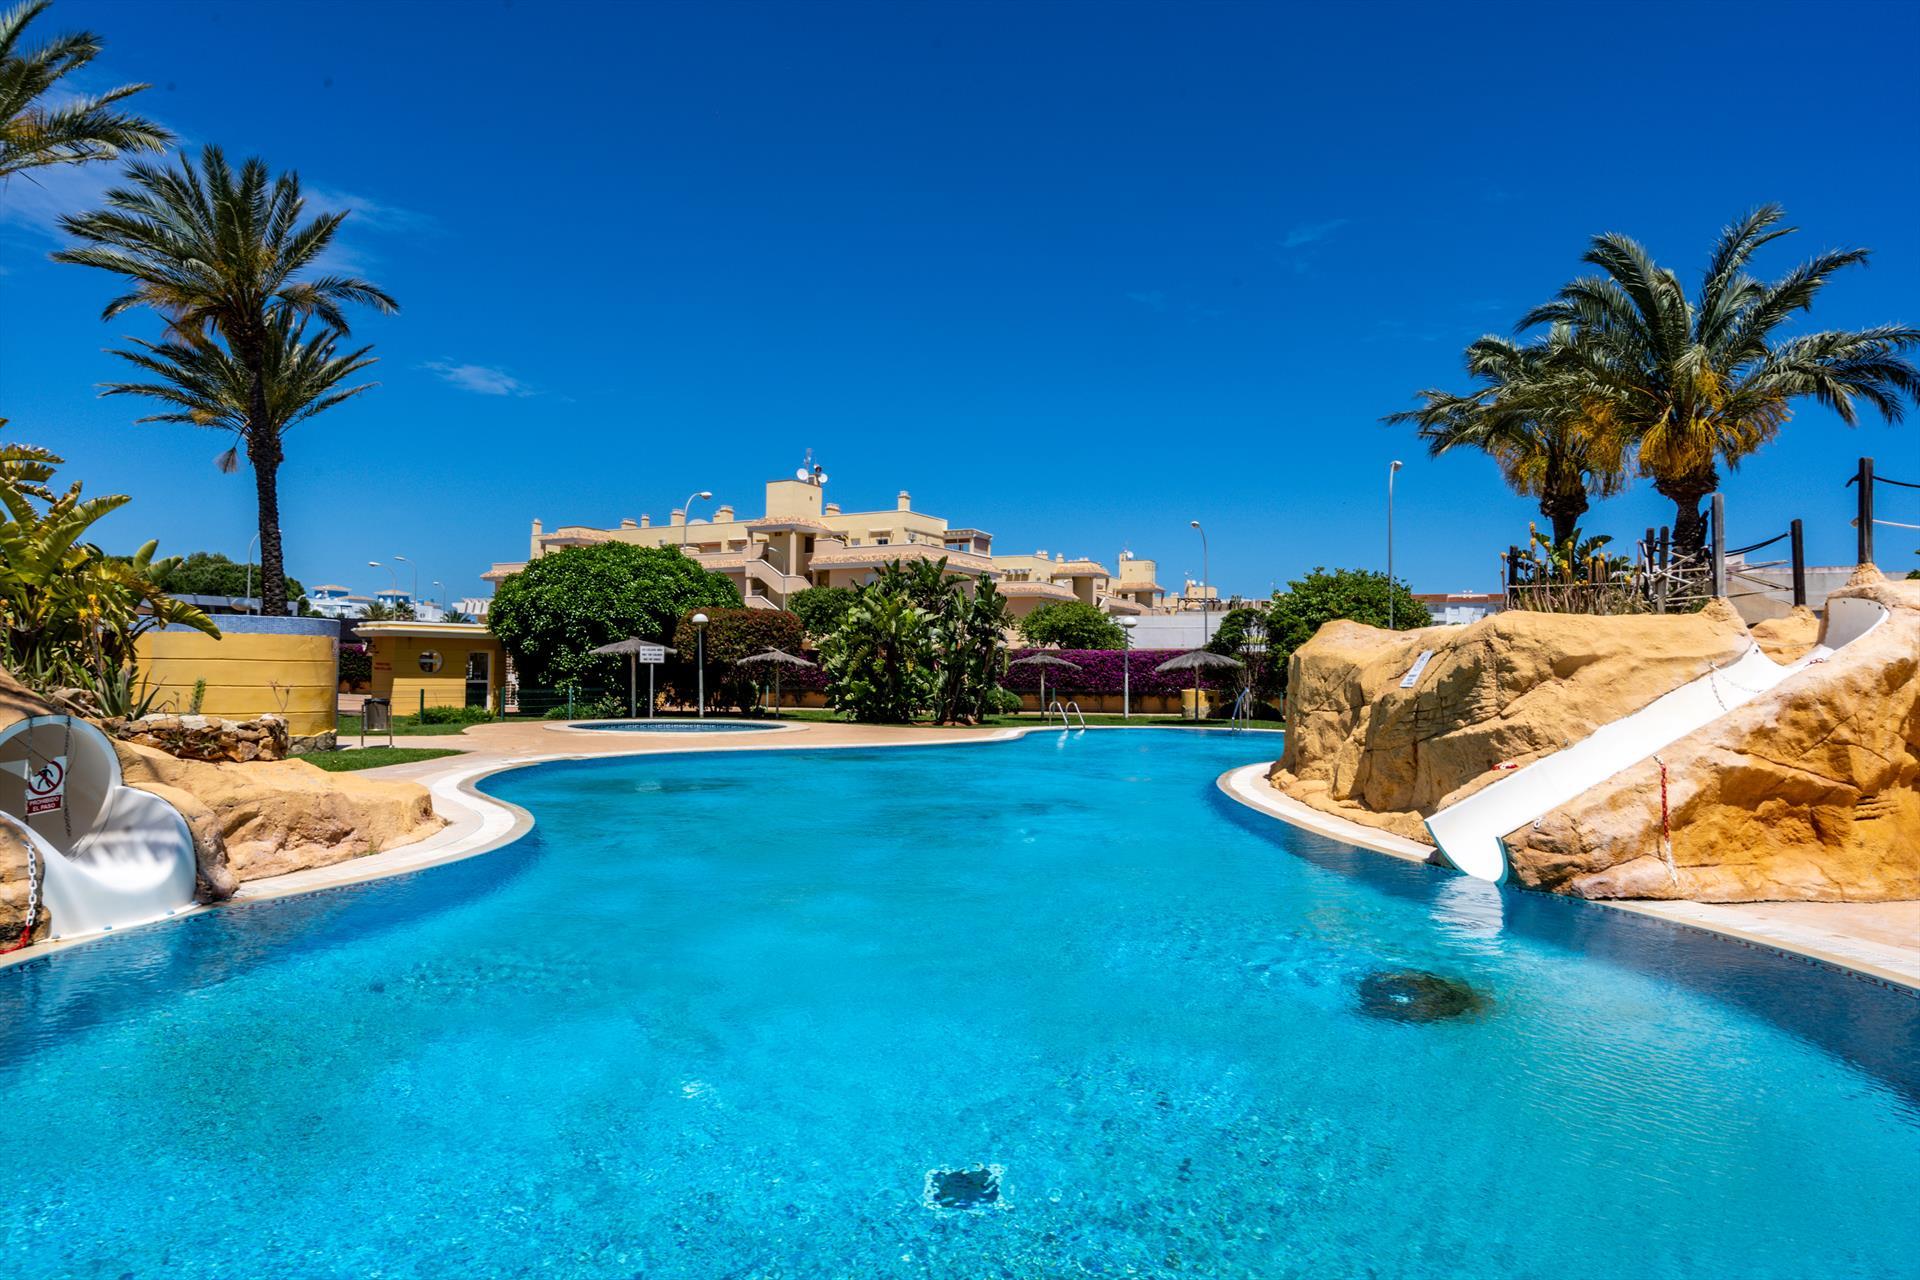 Aquamarine,Appartement  avec piscine communale à Denia, sur la Costa Blanca, Espagne pour 4 personnes...